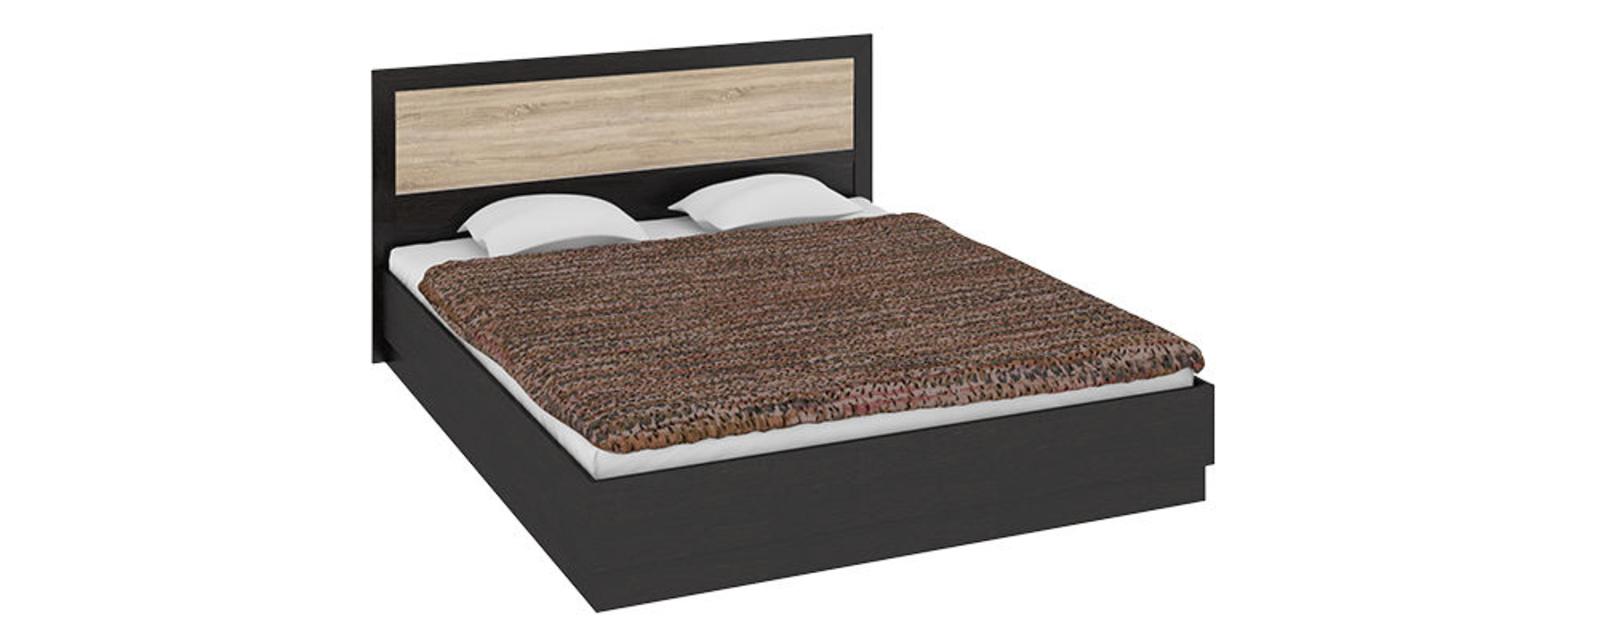 Кровать каркасная Дельта с подъемным механизмом (венге цаво/дуб сонома)